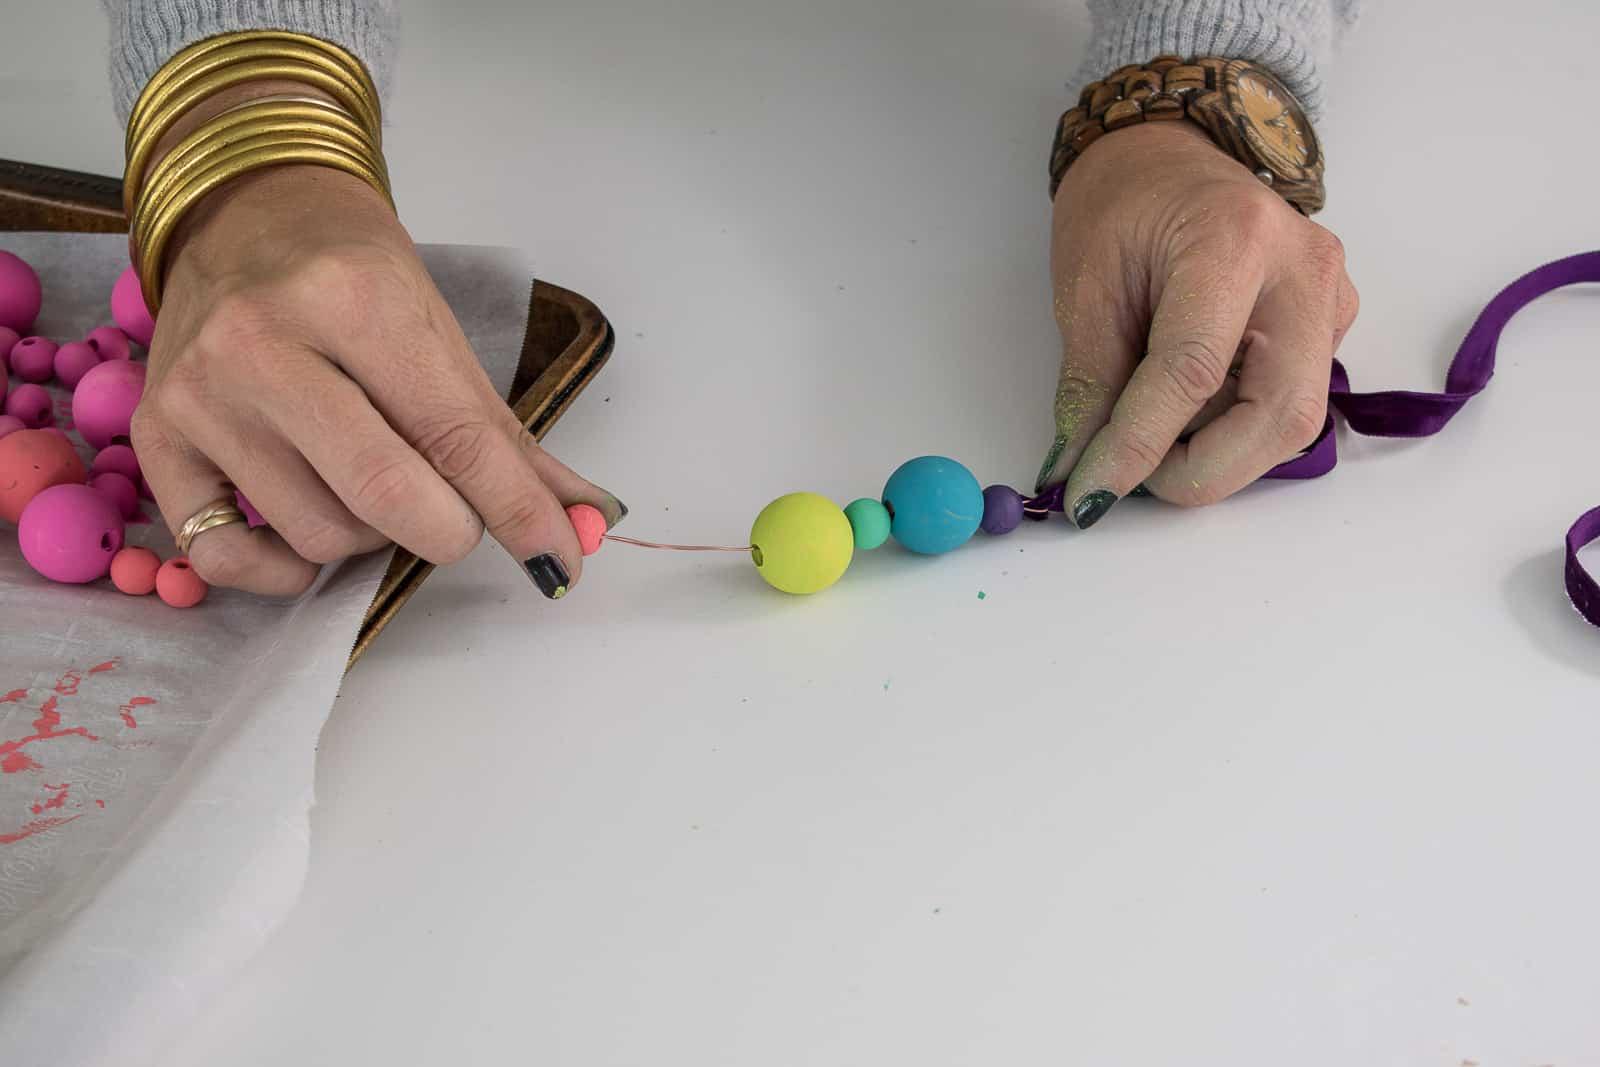 thread a ribbon through the beads